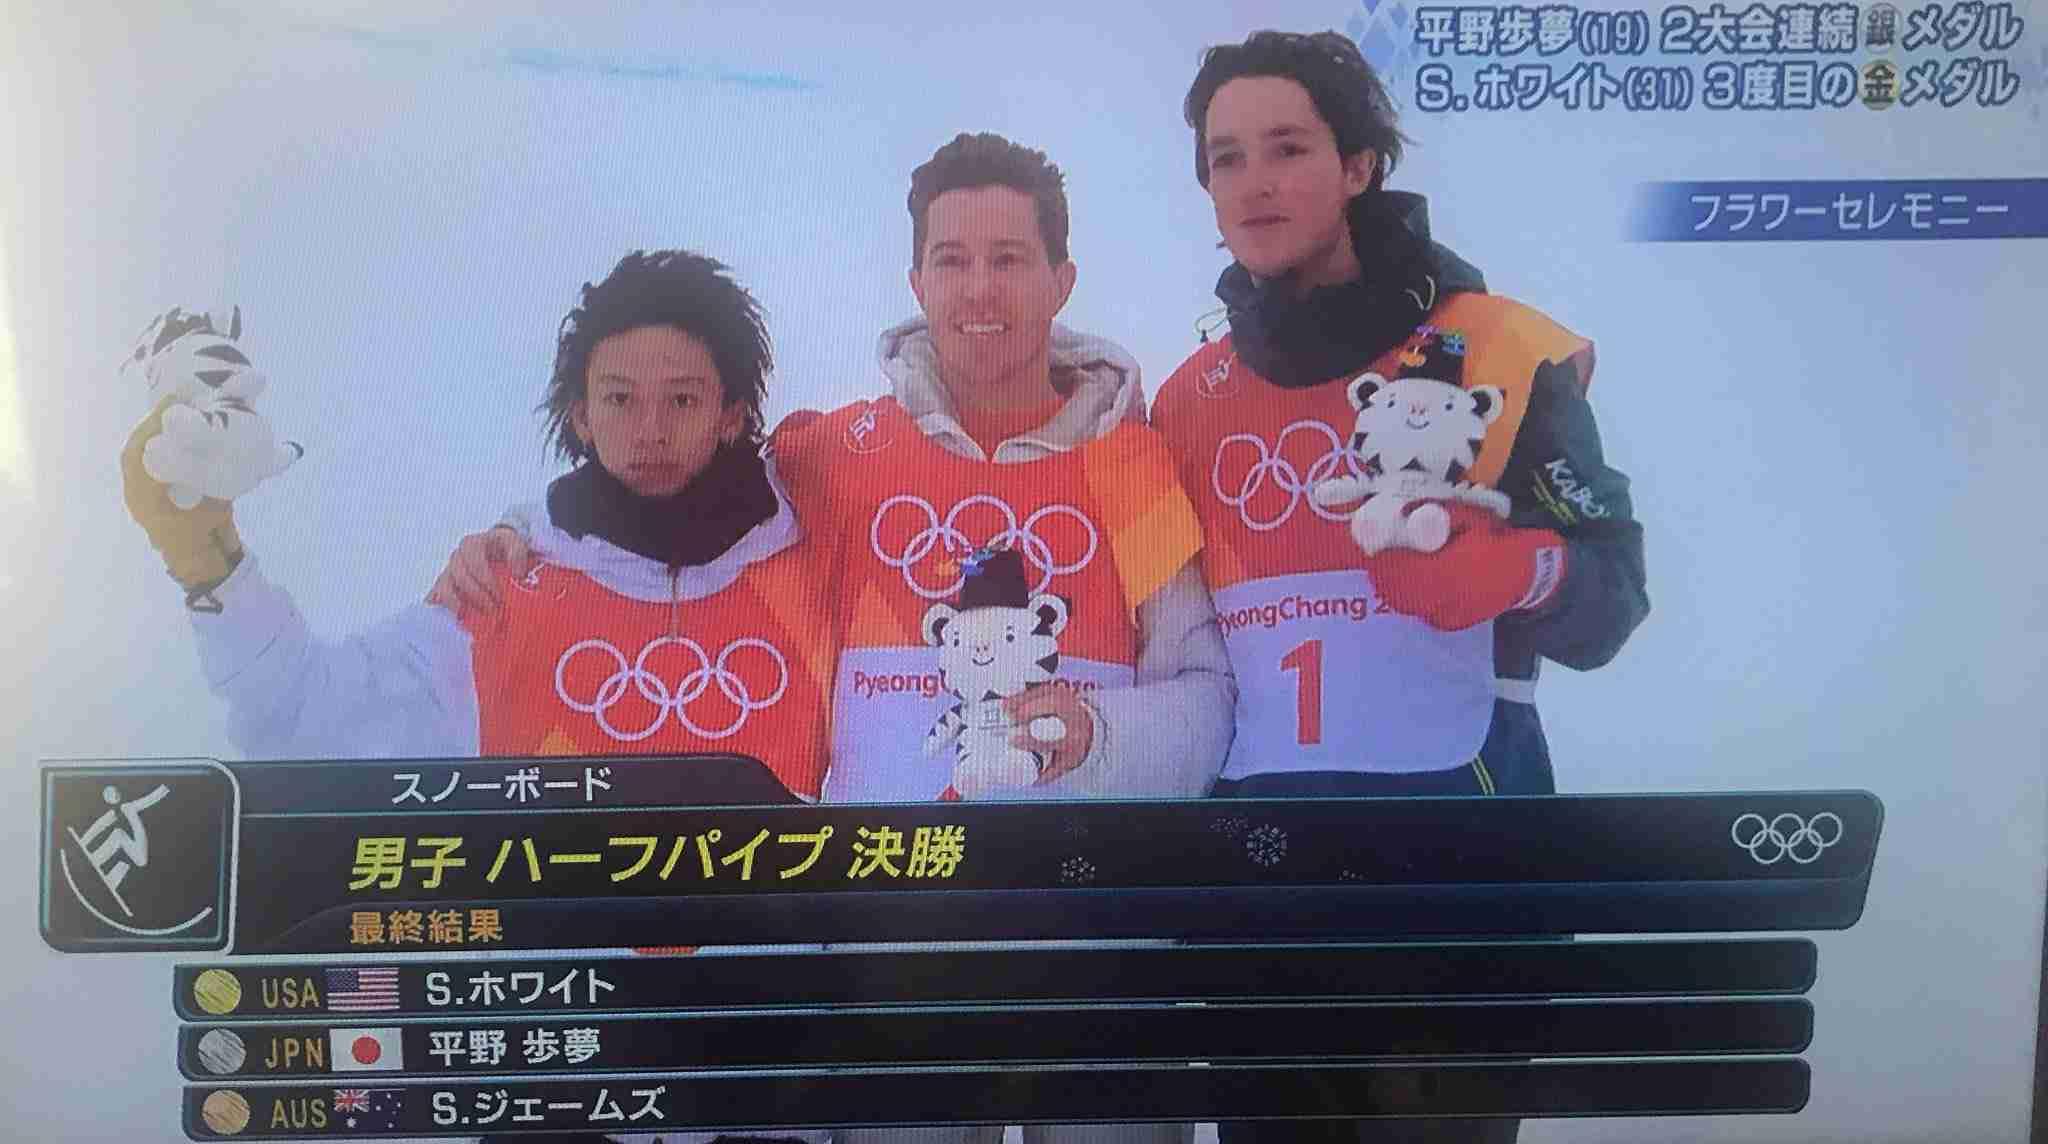 【平昌五輪】スノボ男子ハーフパイプ 平野歩夢が2大会連続の銀メダル獲得